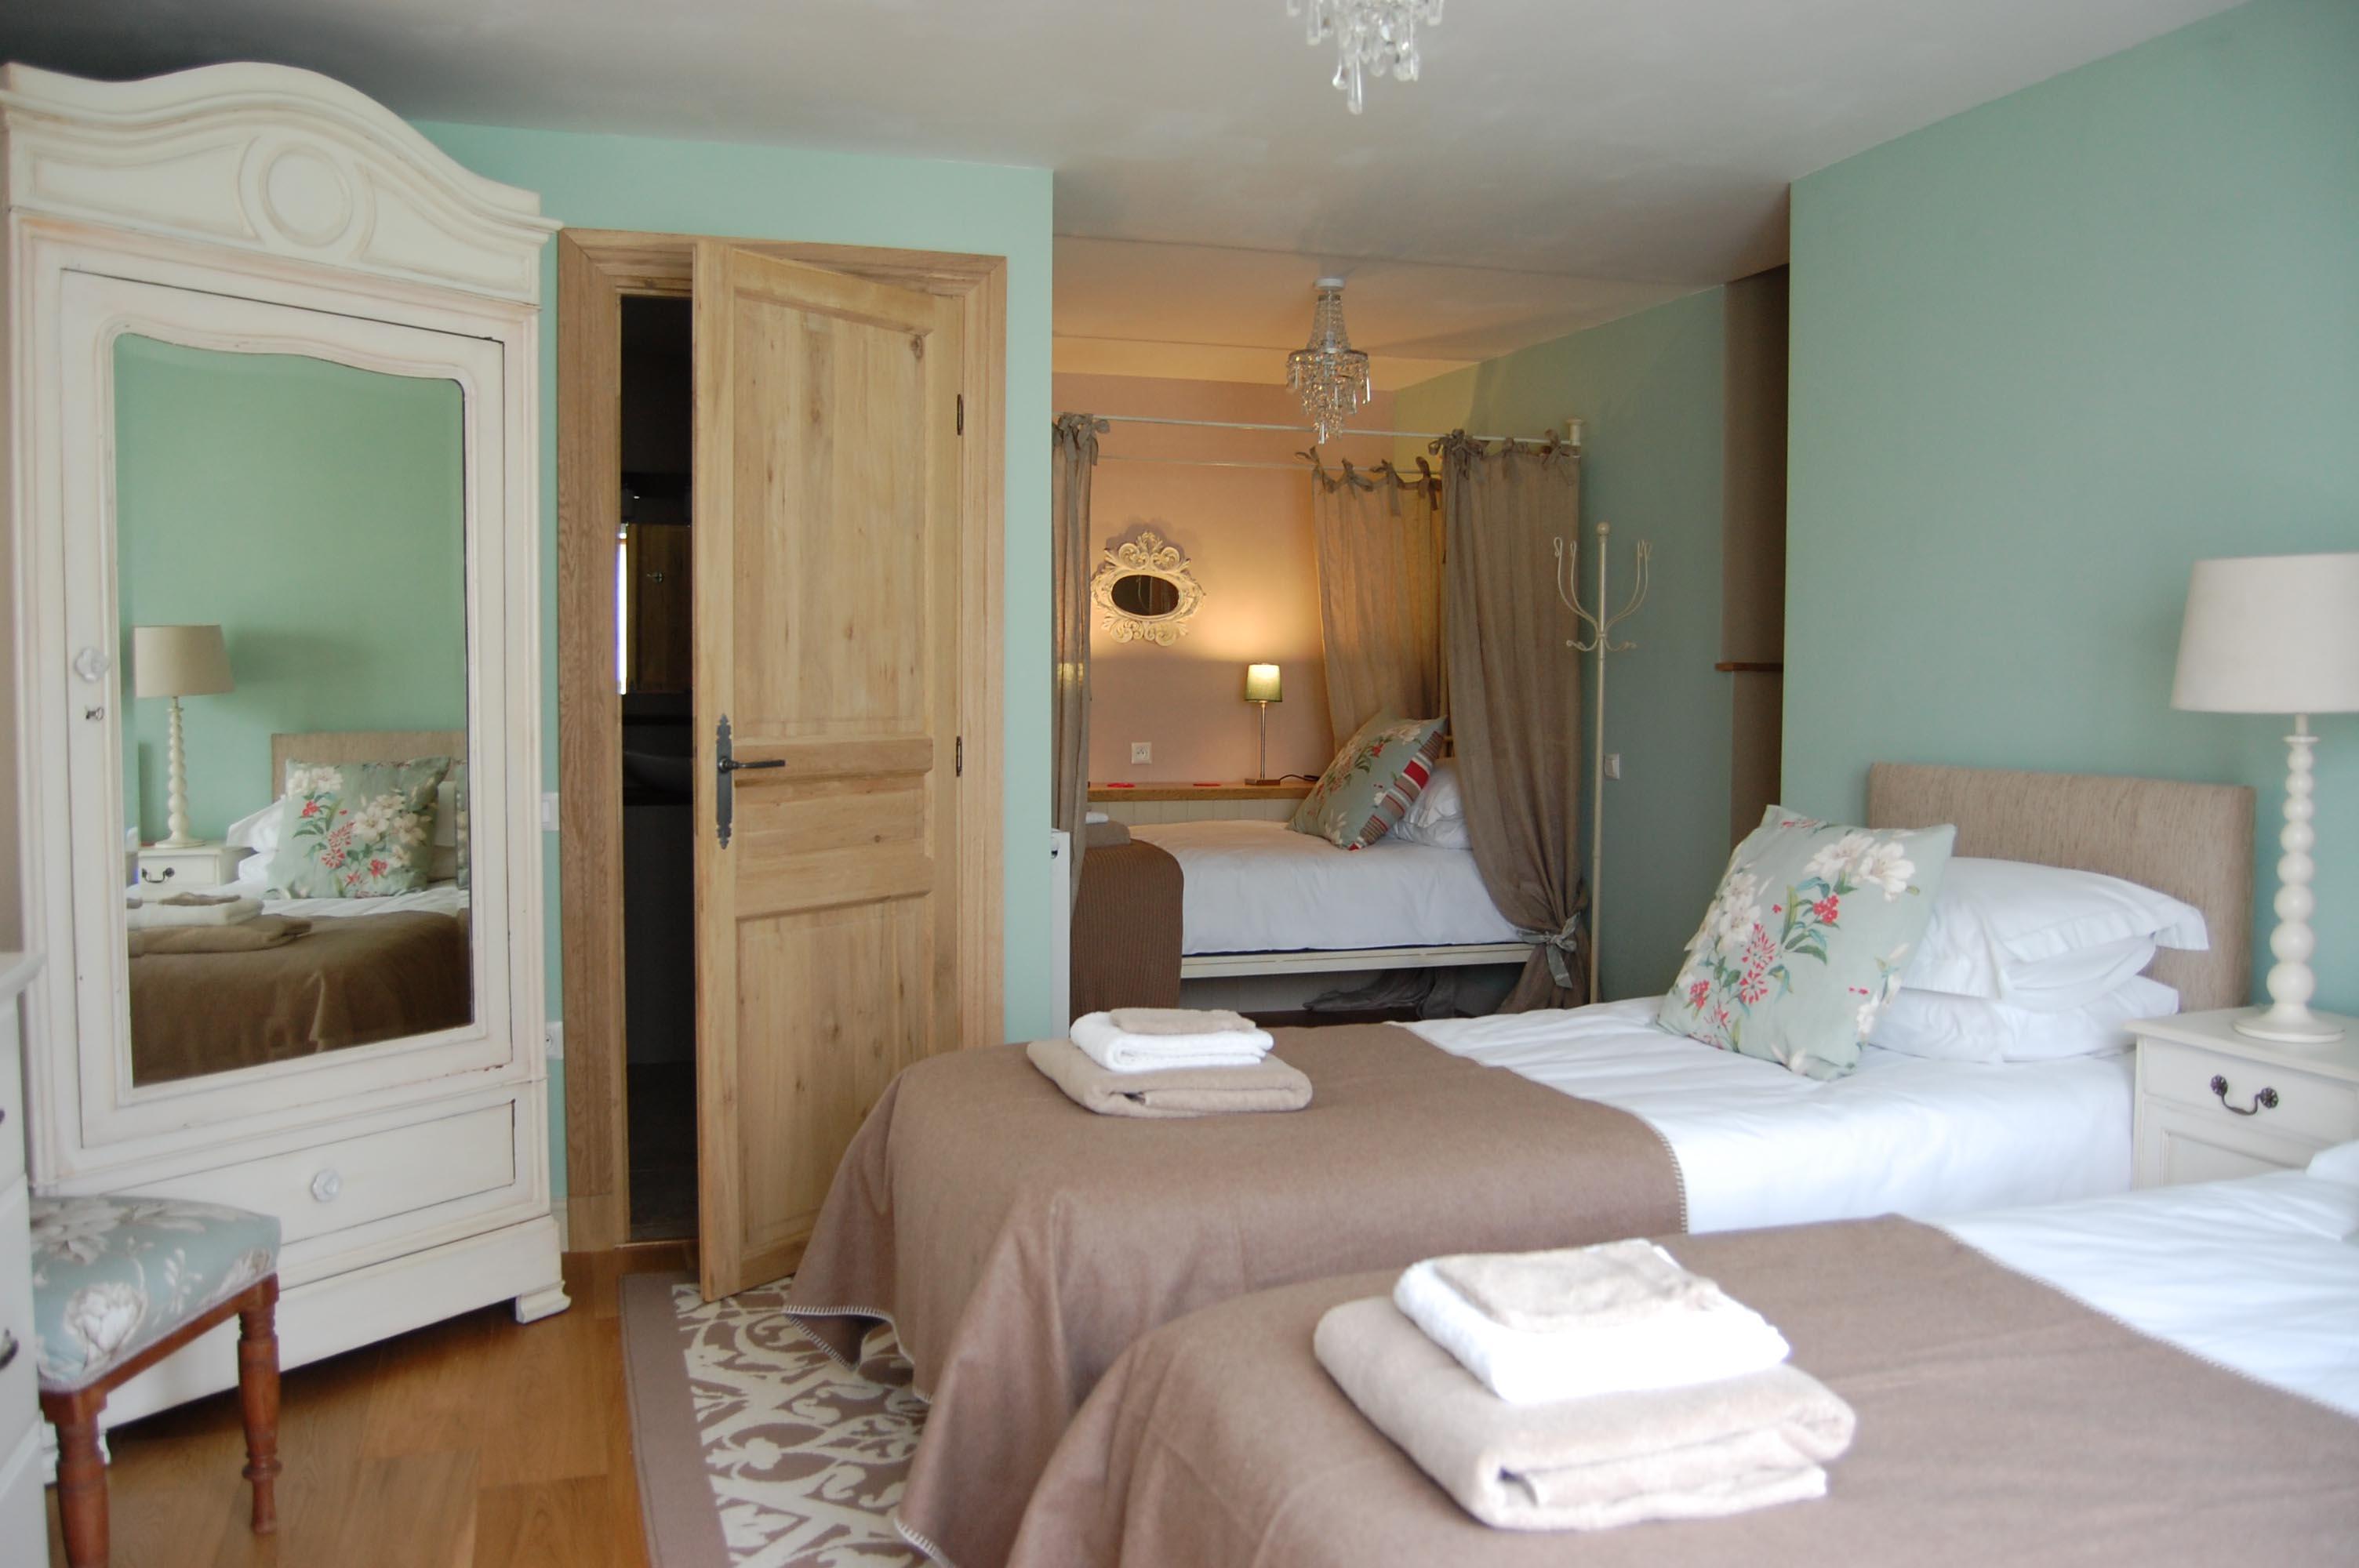 Le Duq with single beds